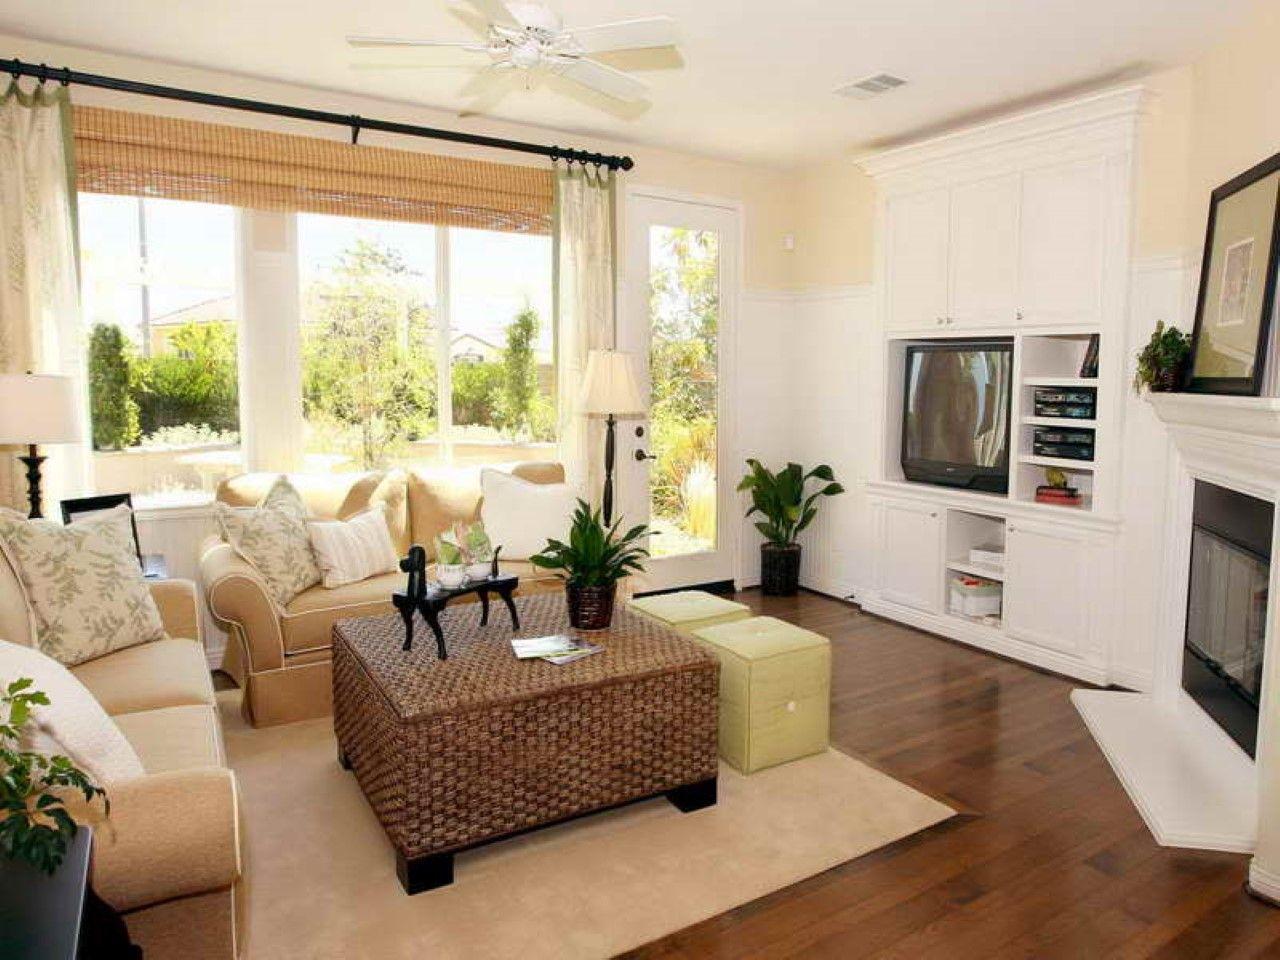 Dark Wood Floors In Living Room Amazing Tile | LIVING ROOM SPACES ...